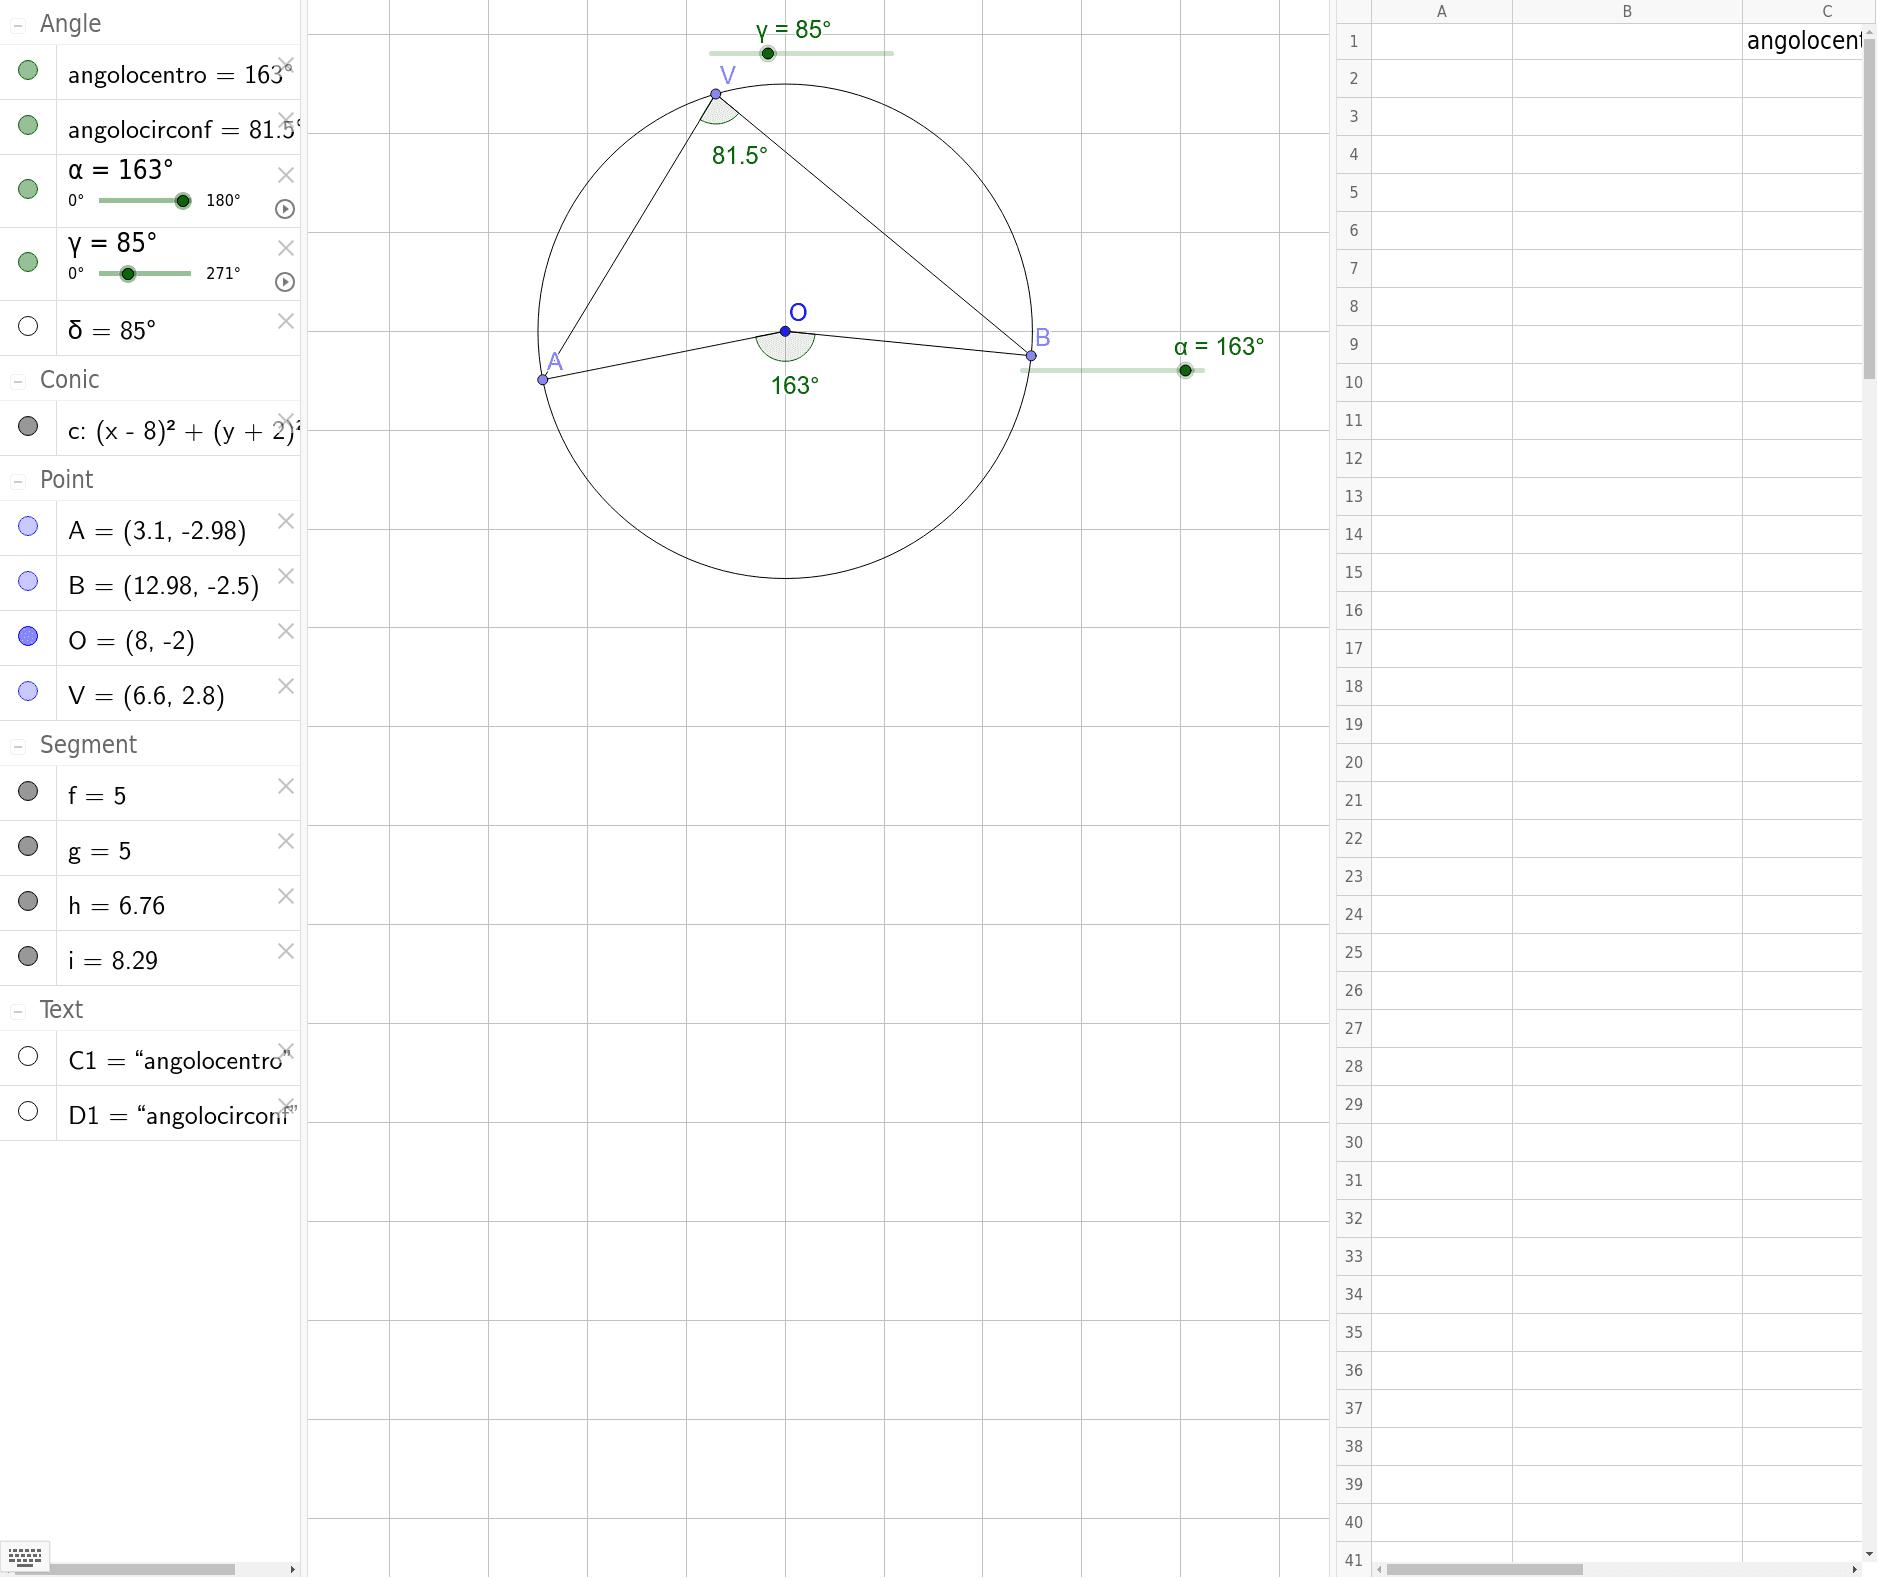 Cambia gamma per spostare il punto V sulla circonferenza (l'arco AB rimane fisso) e alfa per variare l'arco AB.